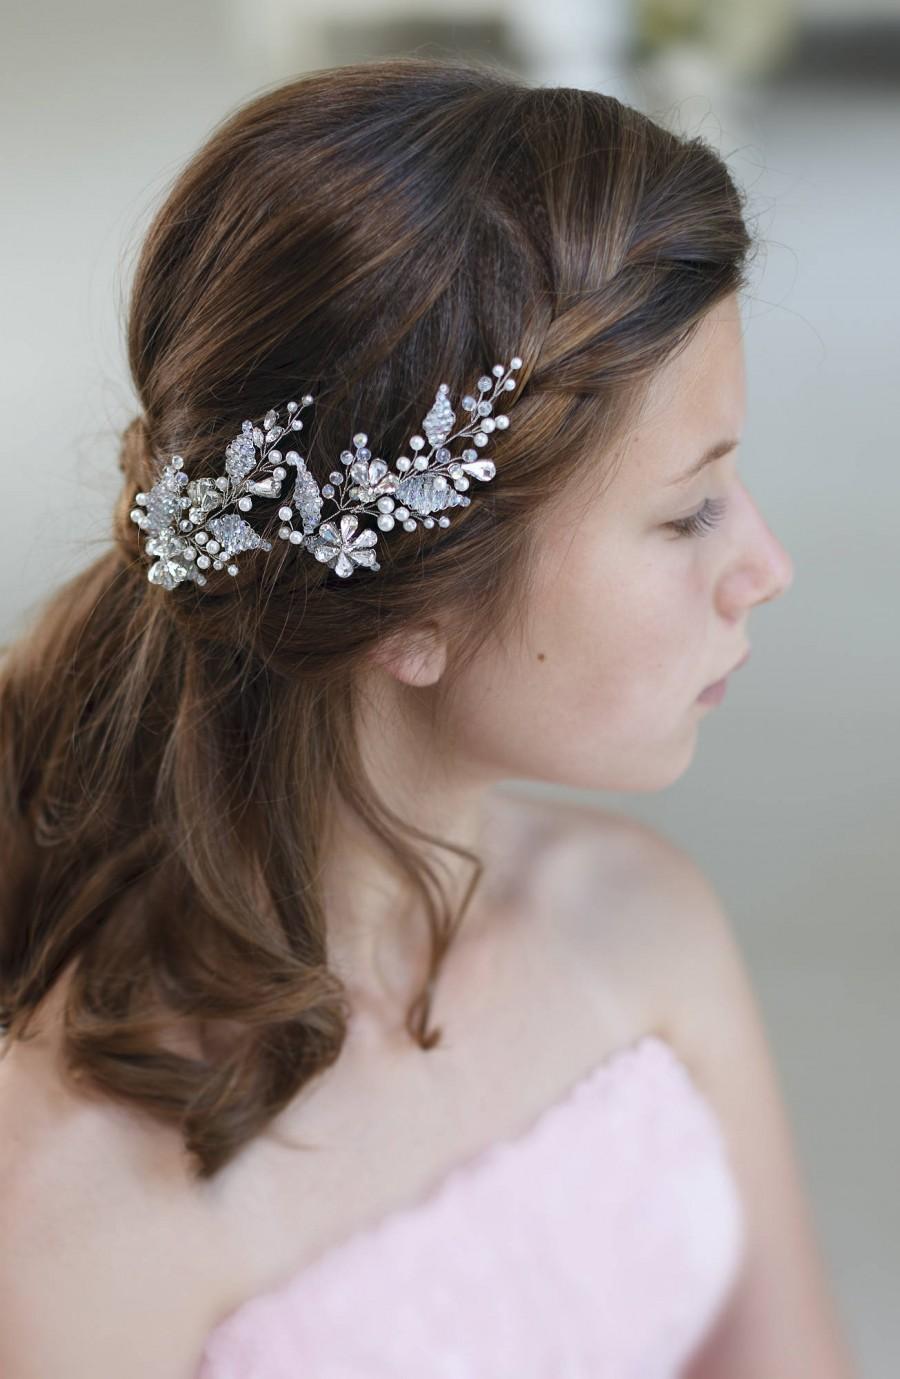 Hochzeit - Bridal hair pins Wedding hair pins Crystal hair pins Rhinestone hair pins Rhinestone hair accessories Wedding hair piece Crystal hair piece